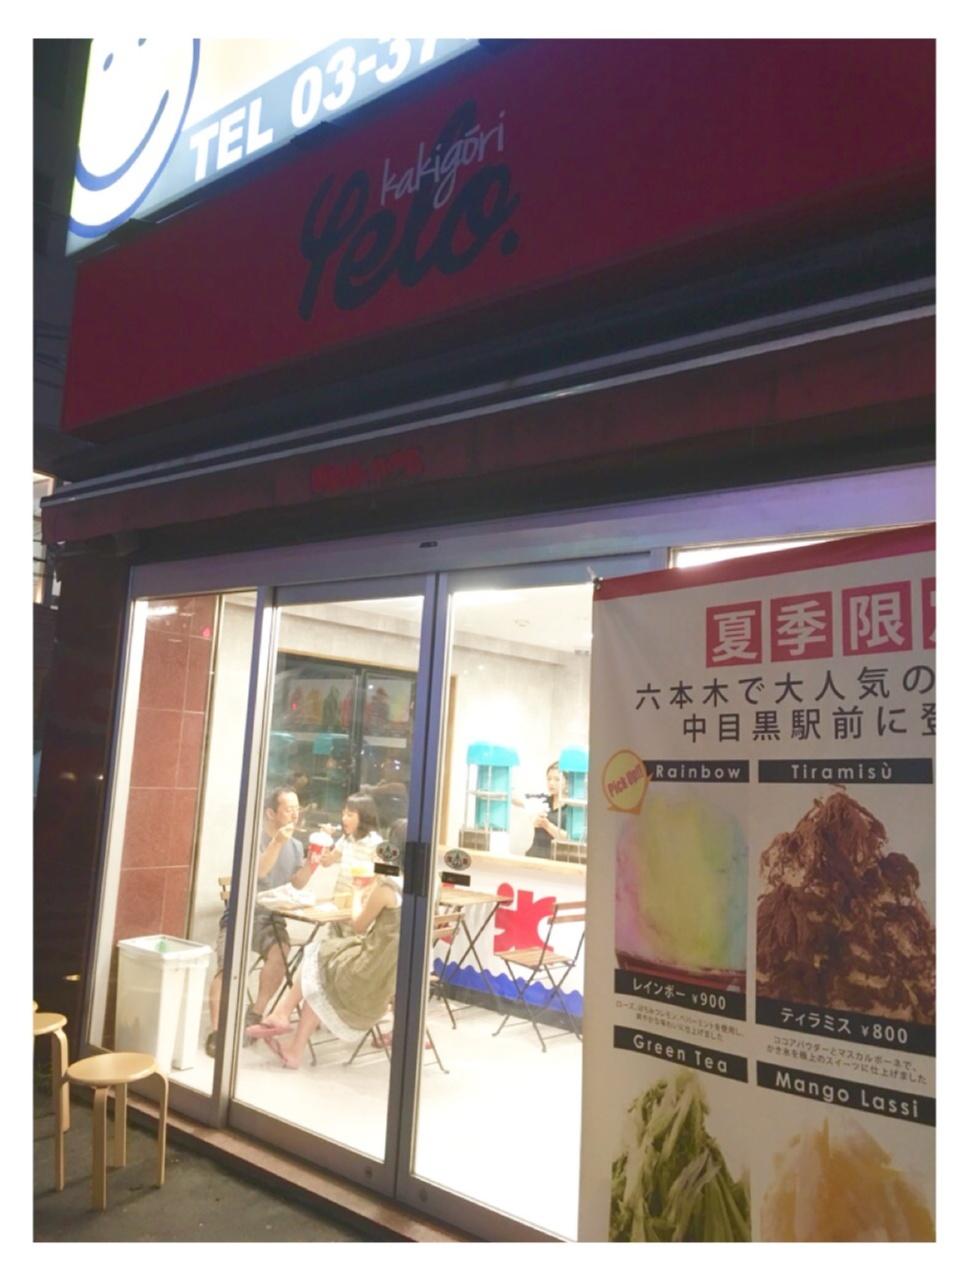 ♡人気カキ氷【yelo】並ばずに入れちゃう穴場の店舗を発見!!♡モアハピ◡̈のぞみ♡_2